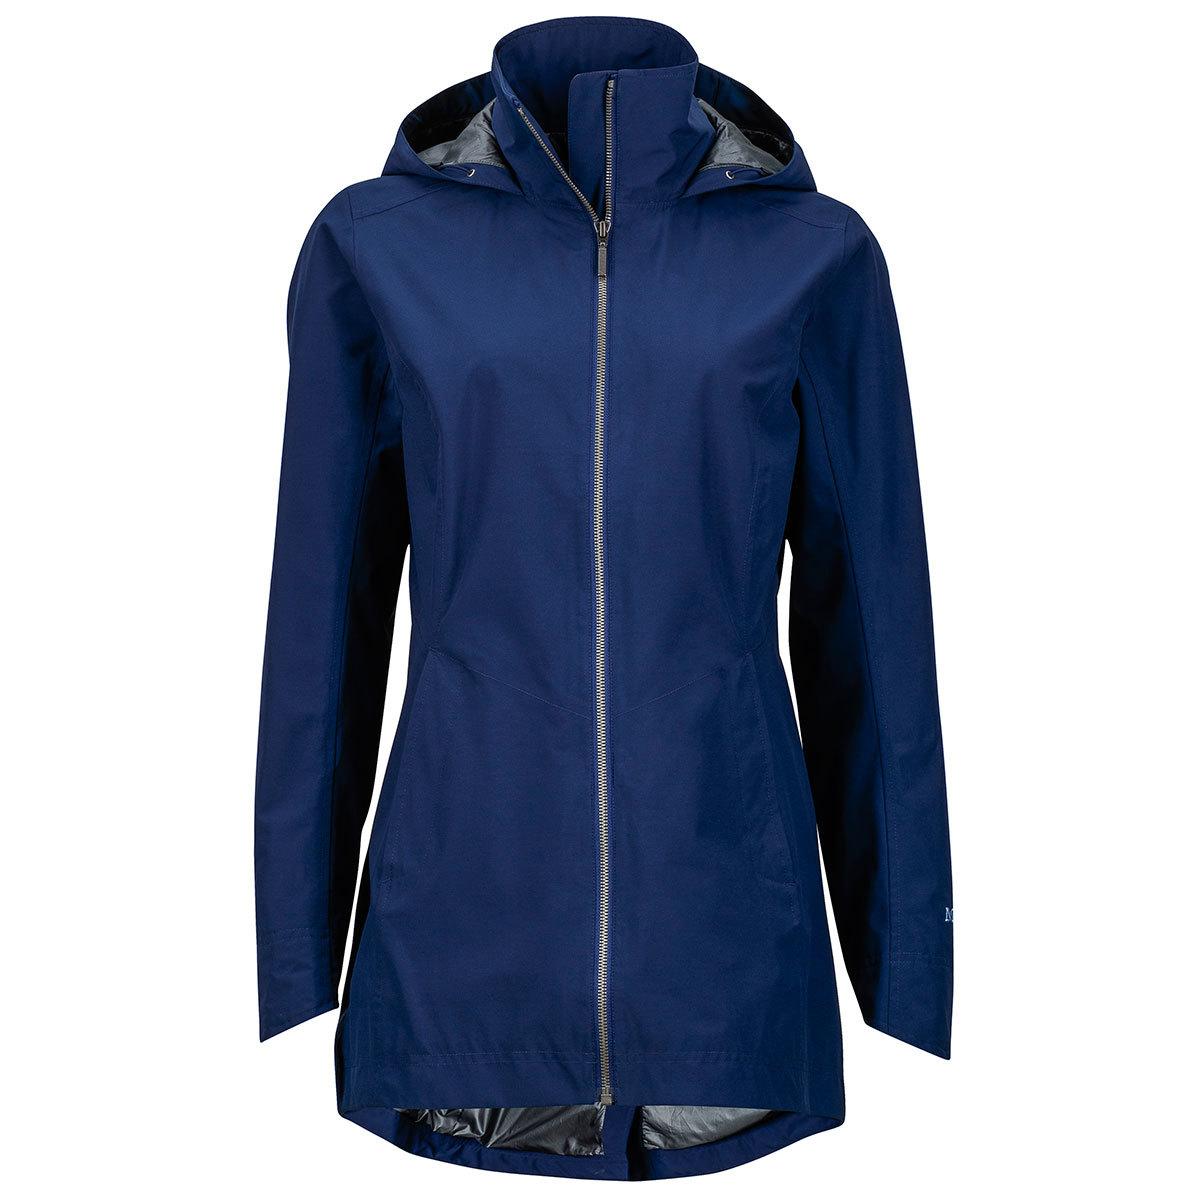 Marmot Women's Lea Jacket - Blue, M